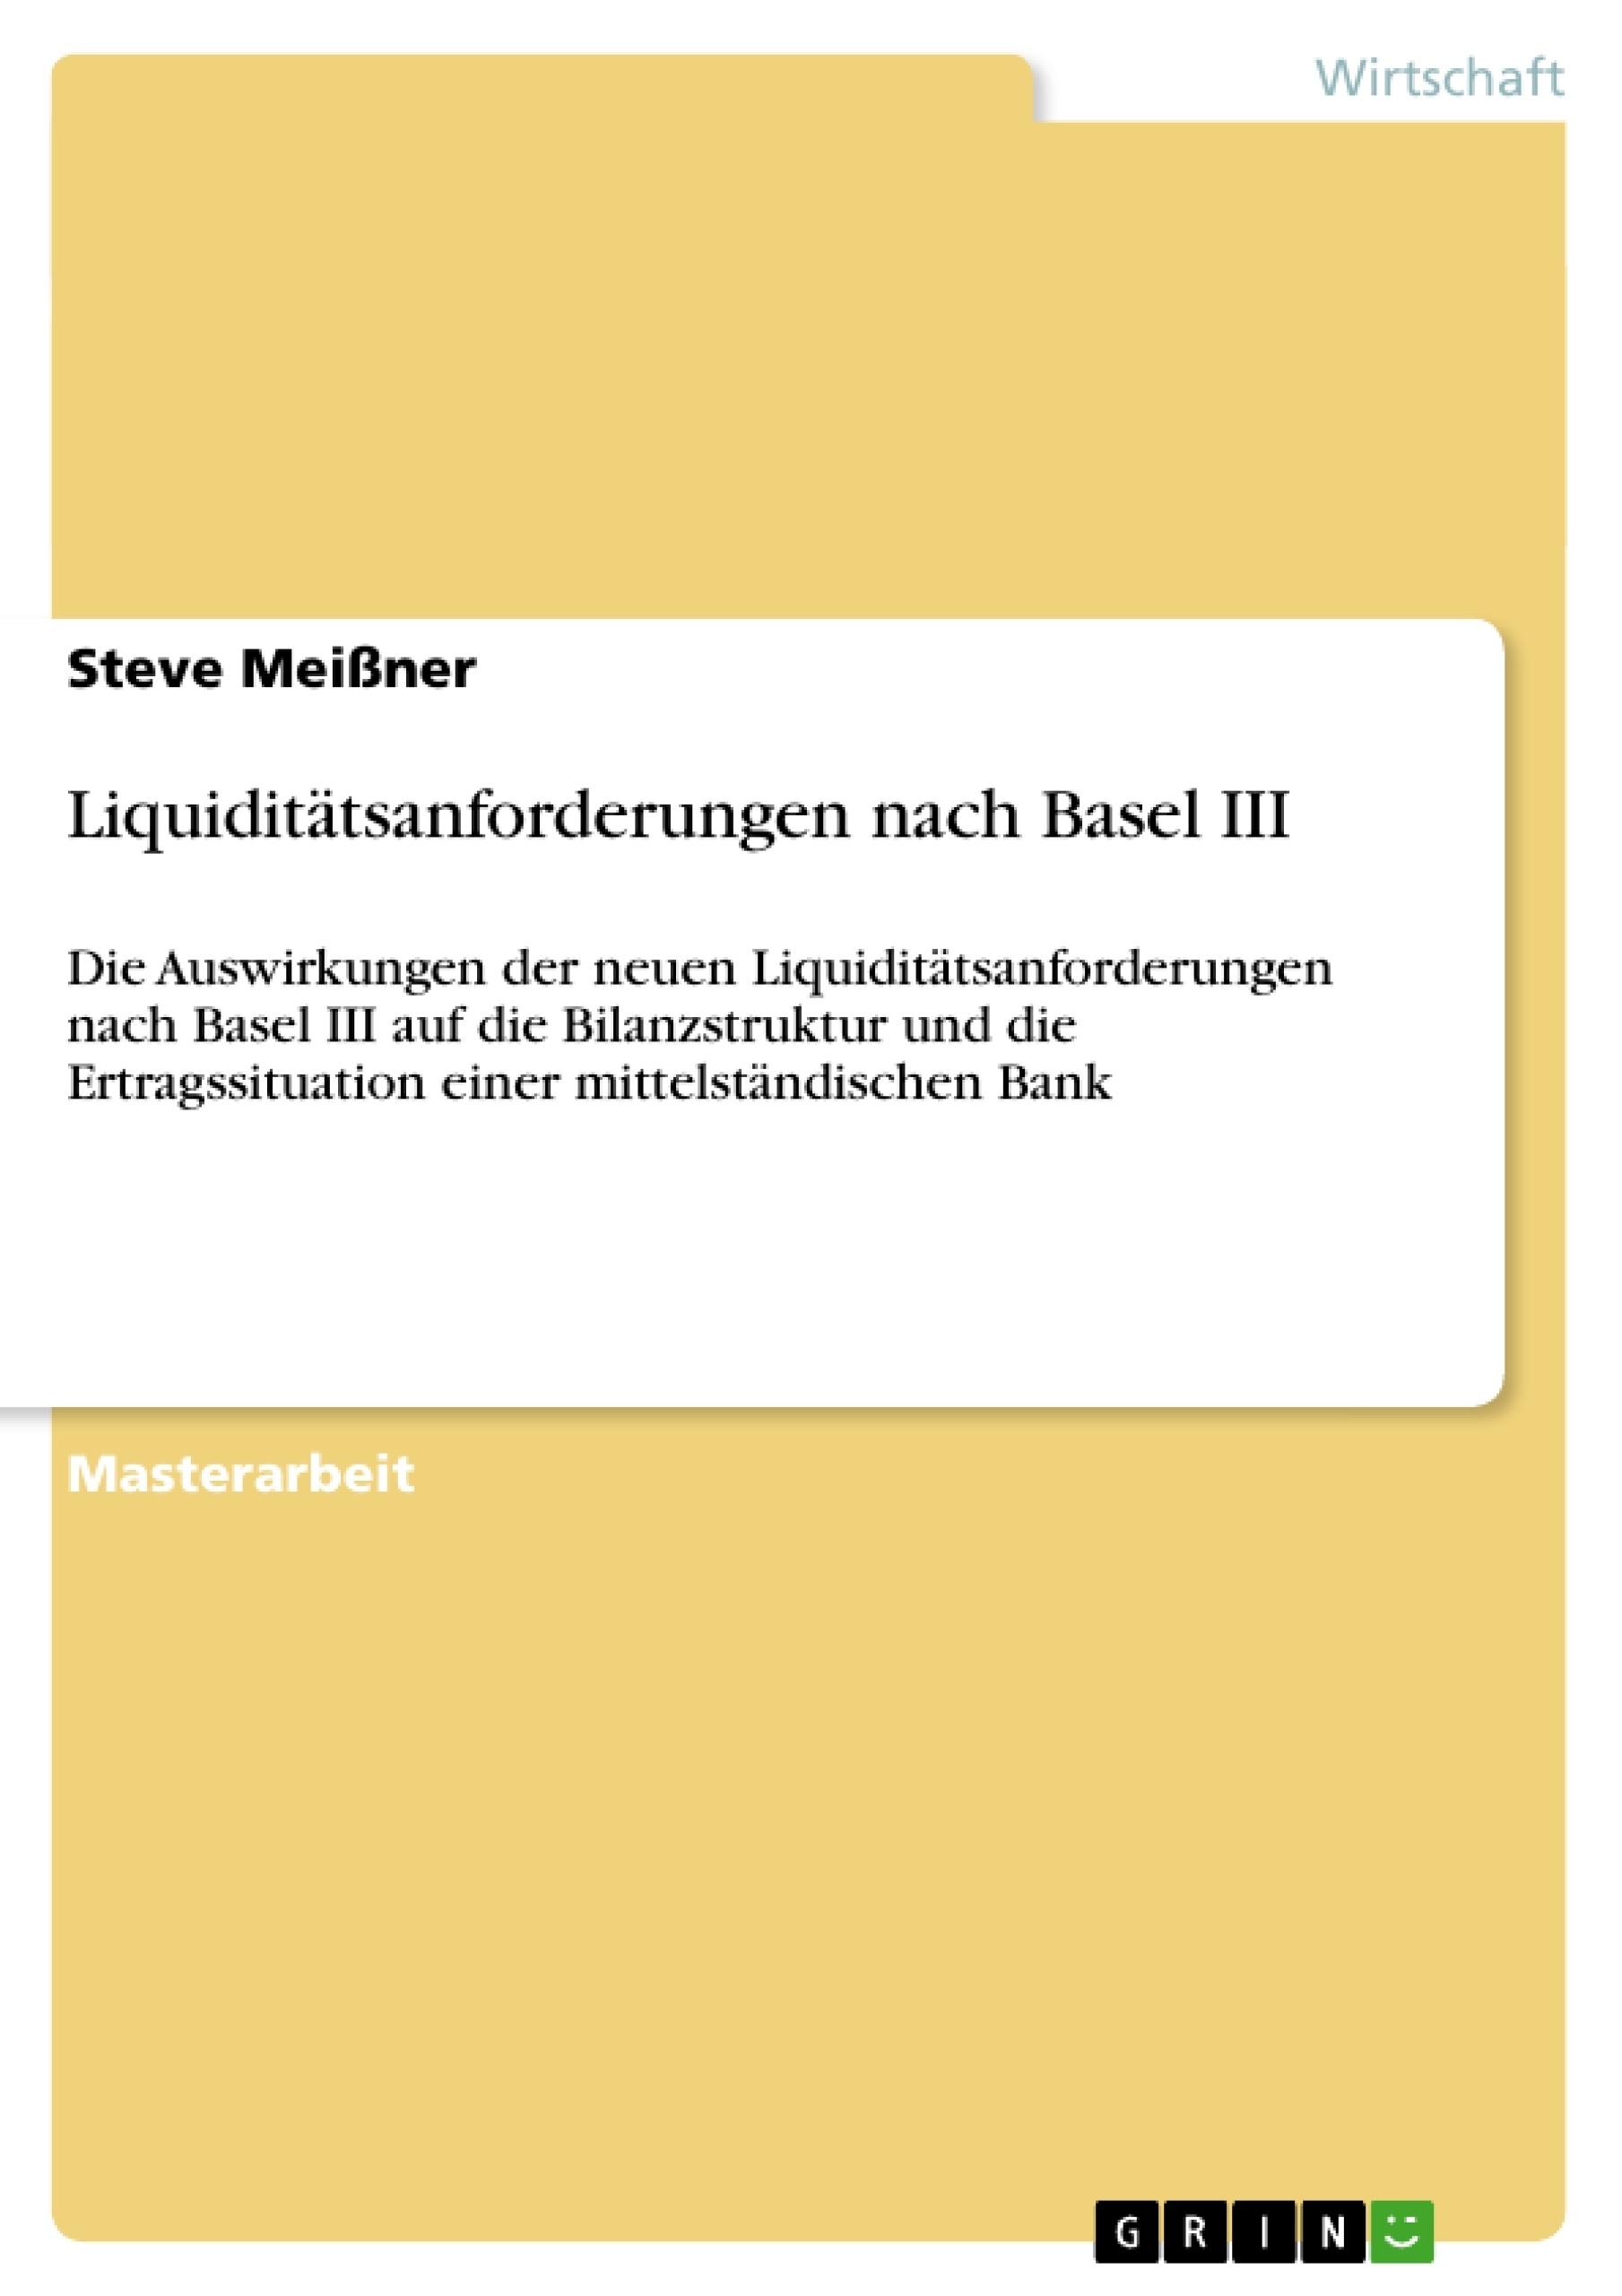 Titel: Liquiditätsanforderungen nach Basel III